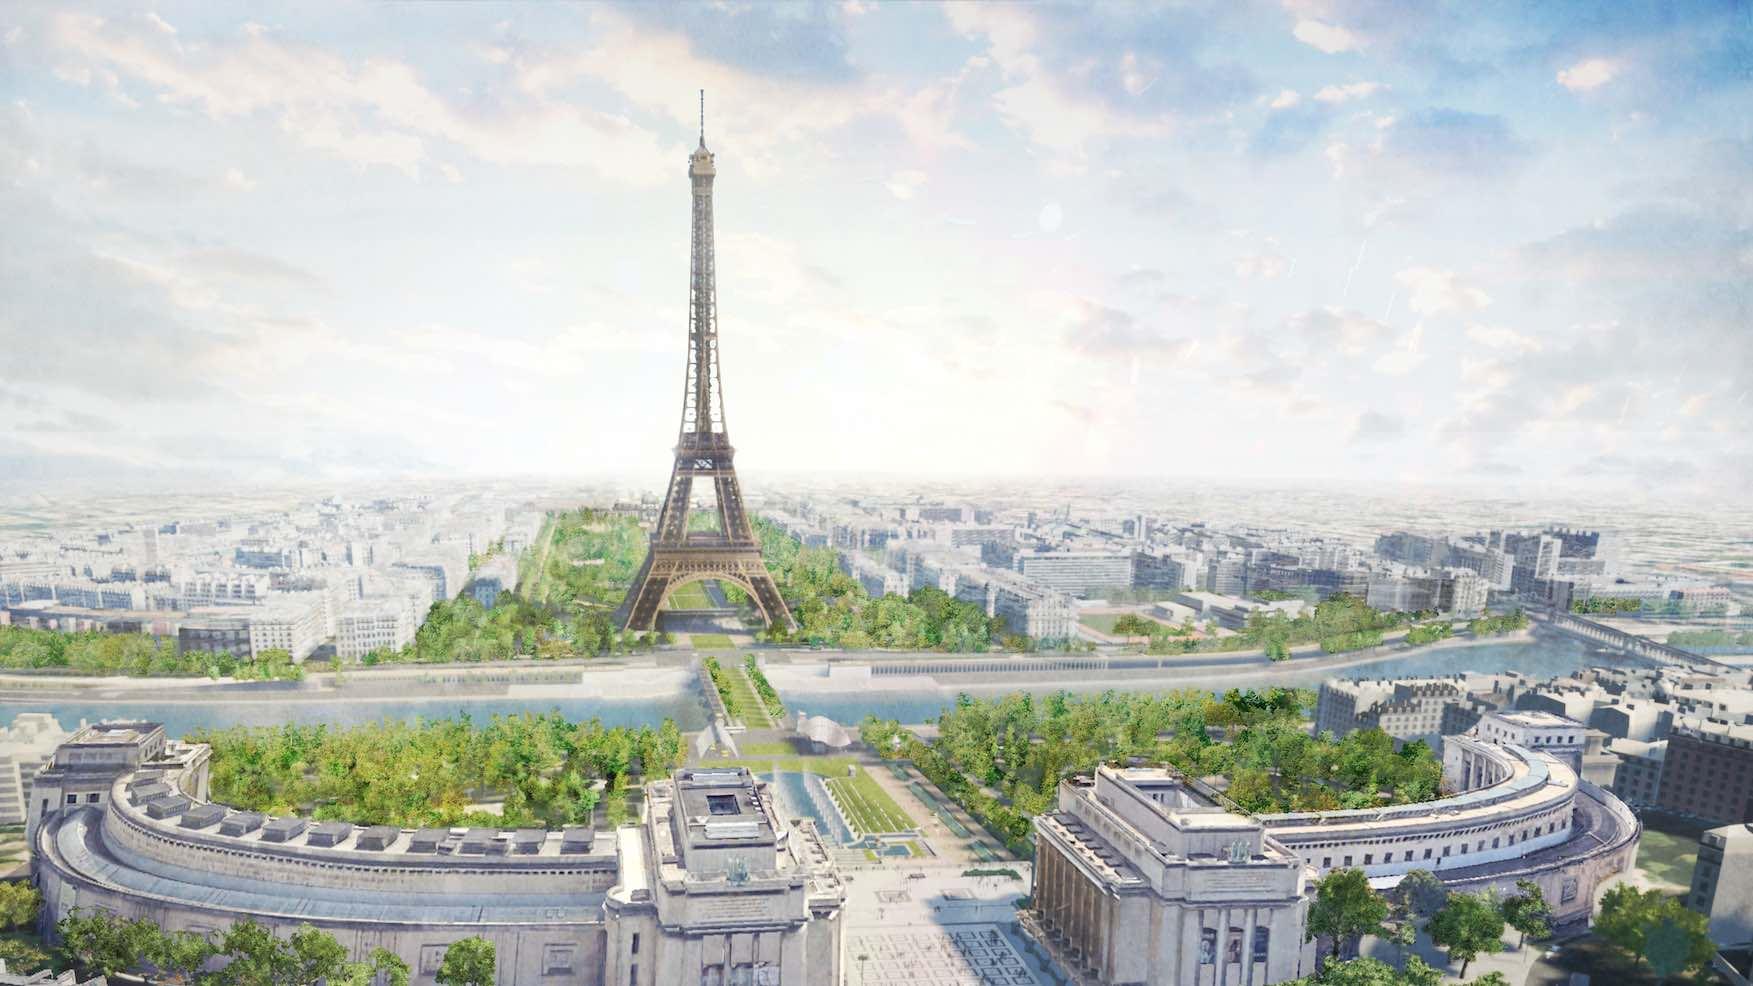 News: Paris Announces Plans for a Major New Park at the Eiffel Tower